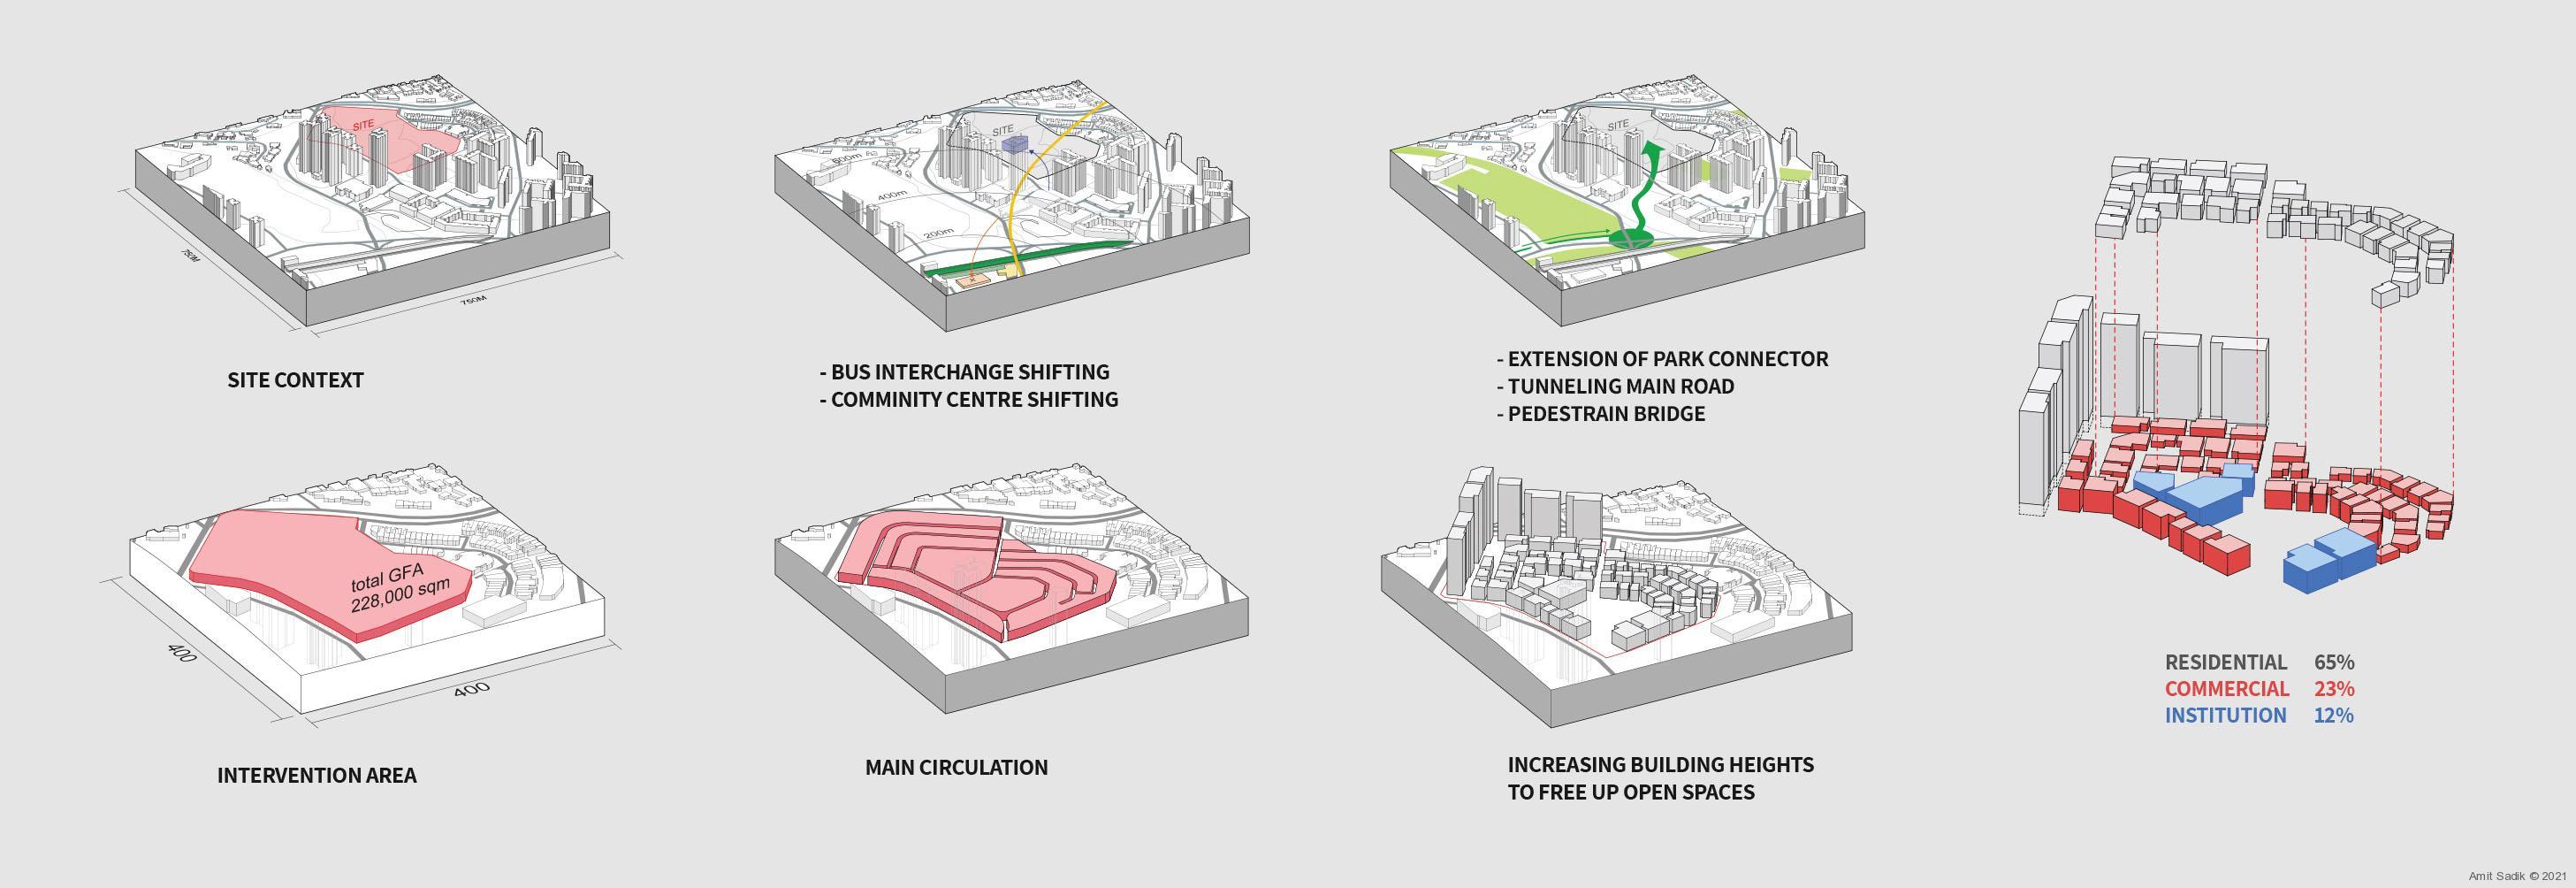 Urban plan scheme